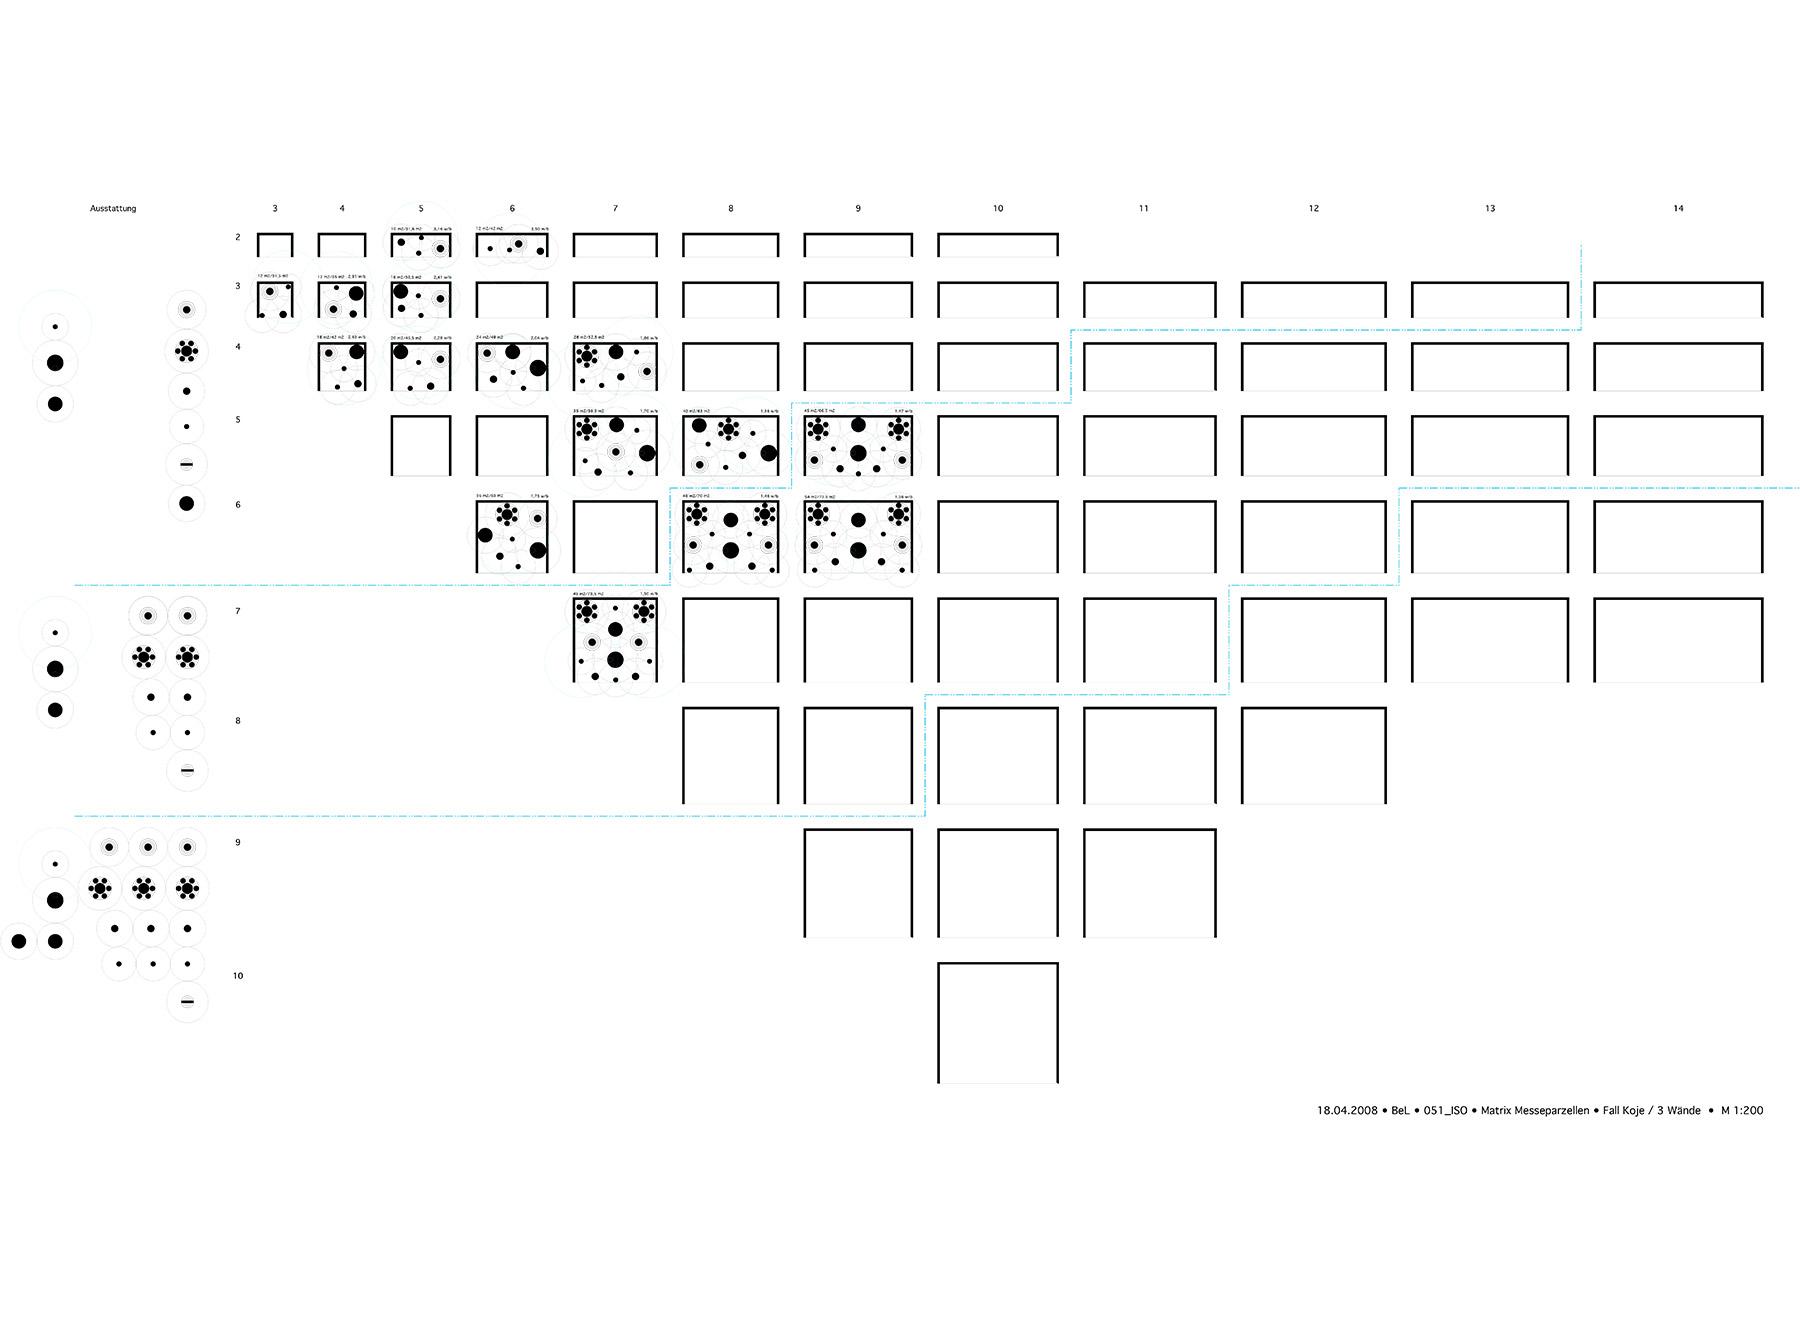 furniture micro-urbanism, scenario 4